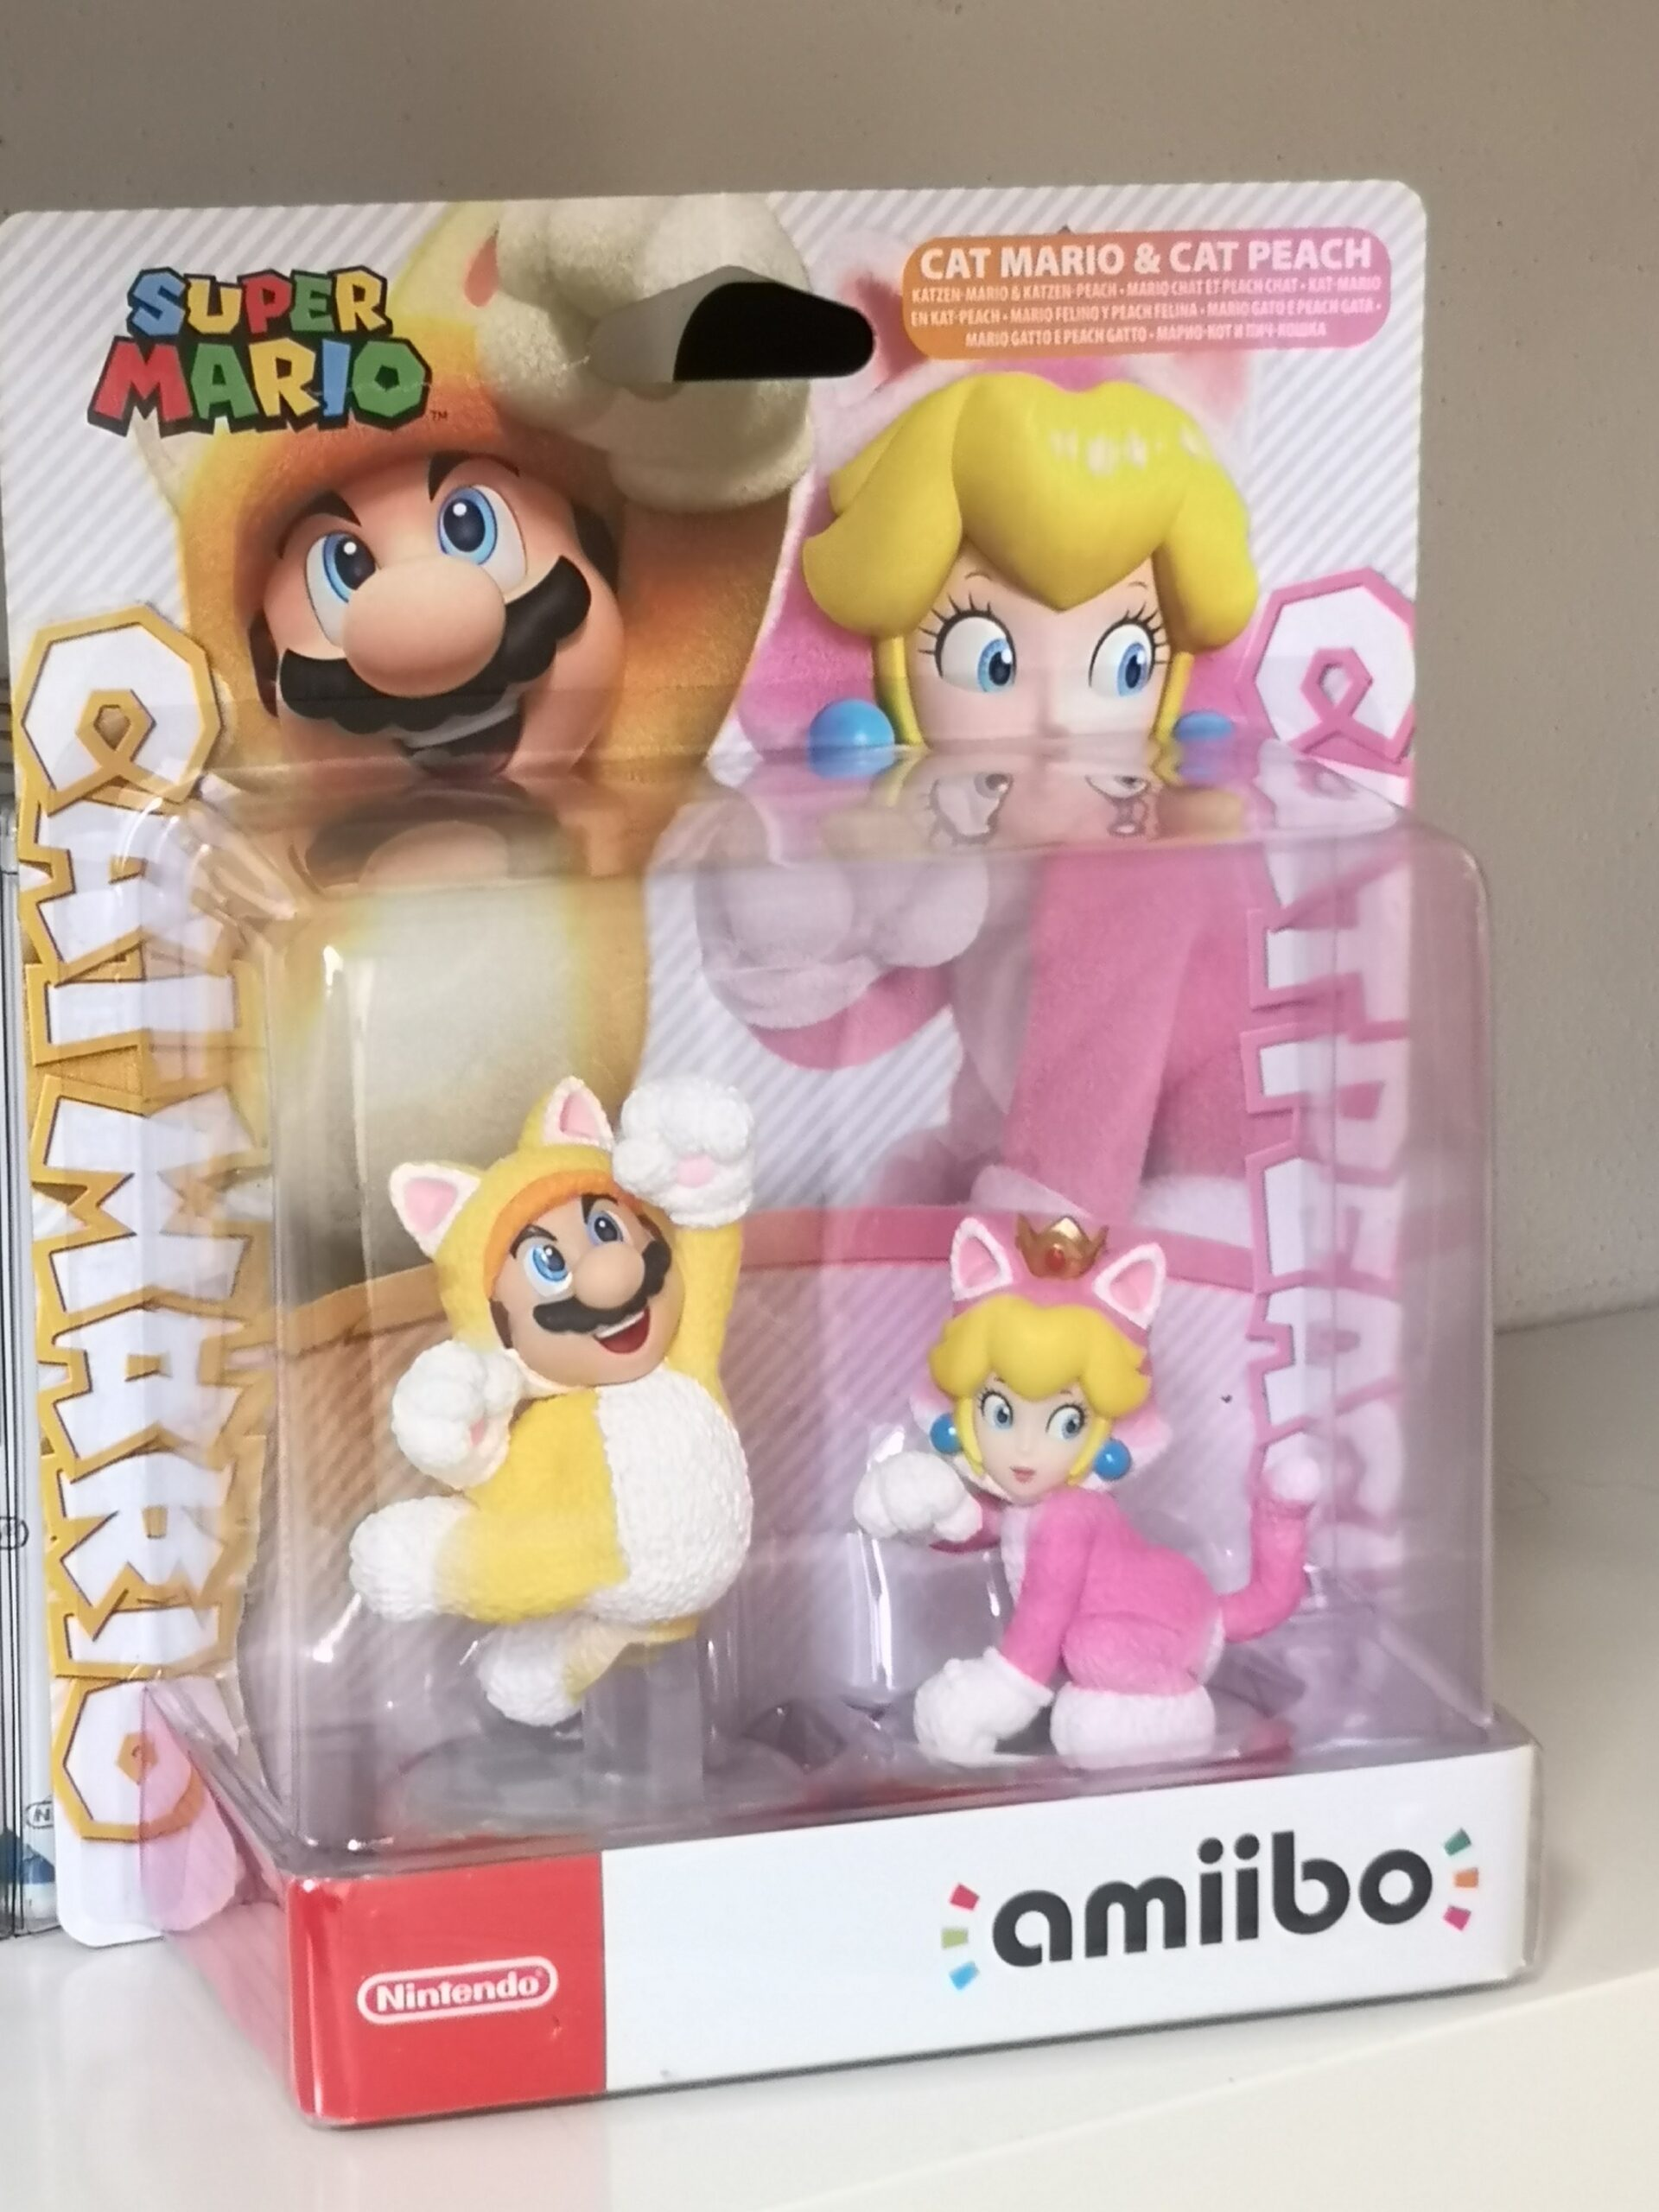 Amiibo Cat Mario & Cat Peach